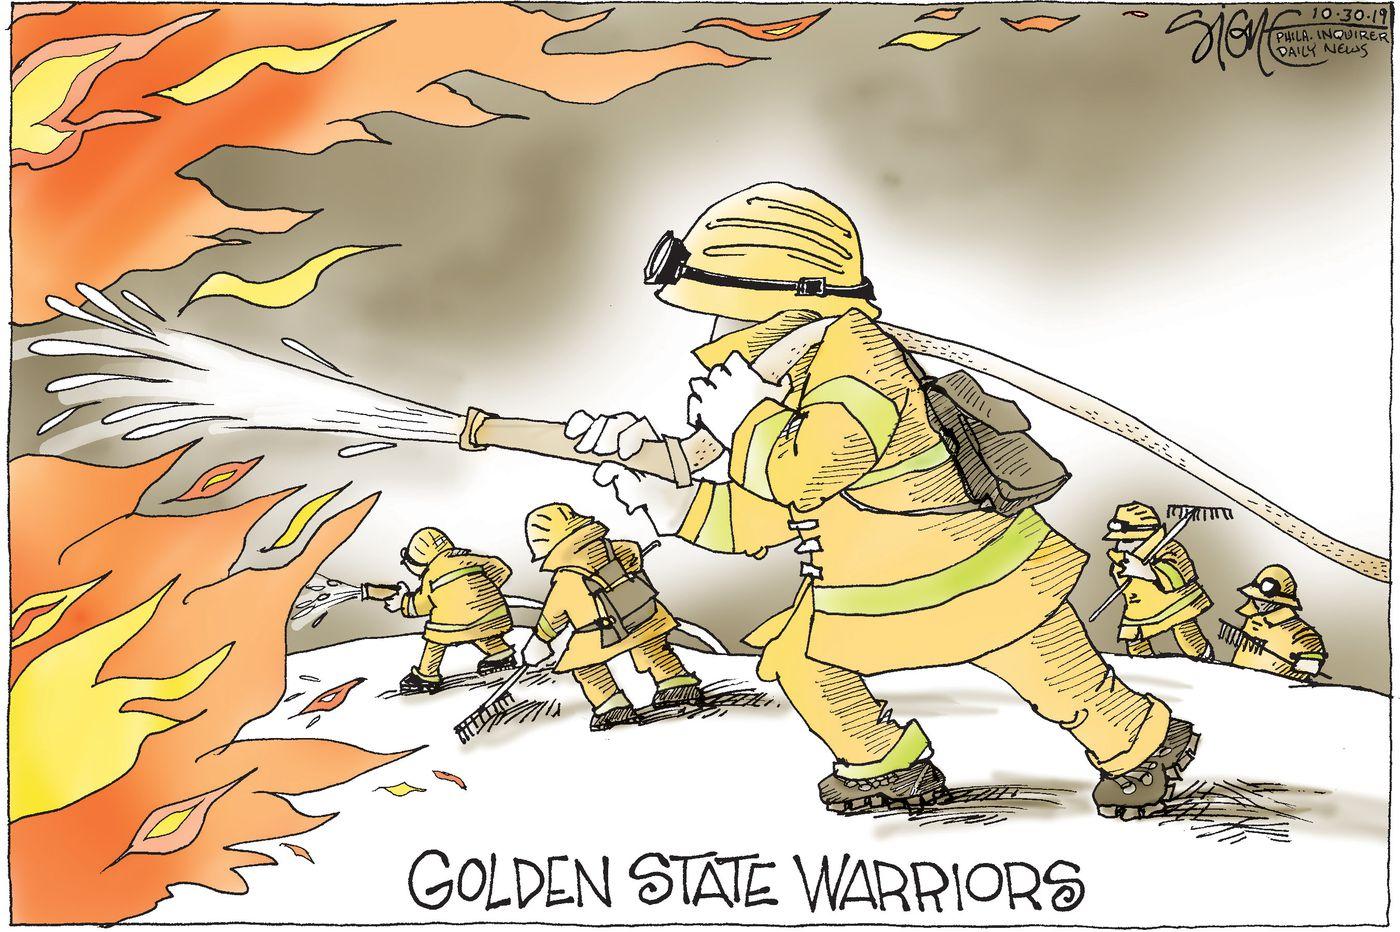 Political Cartoon: Golden State Warriors California firefighters